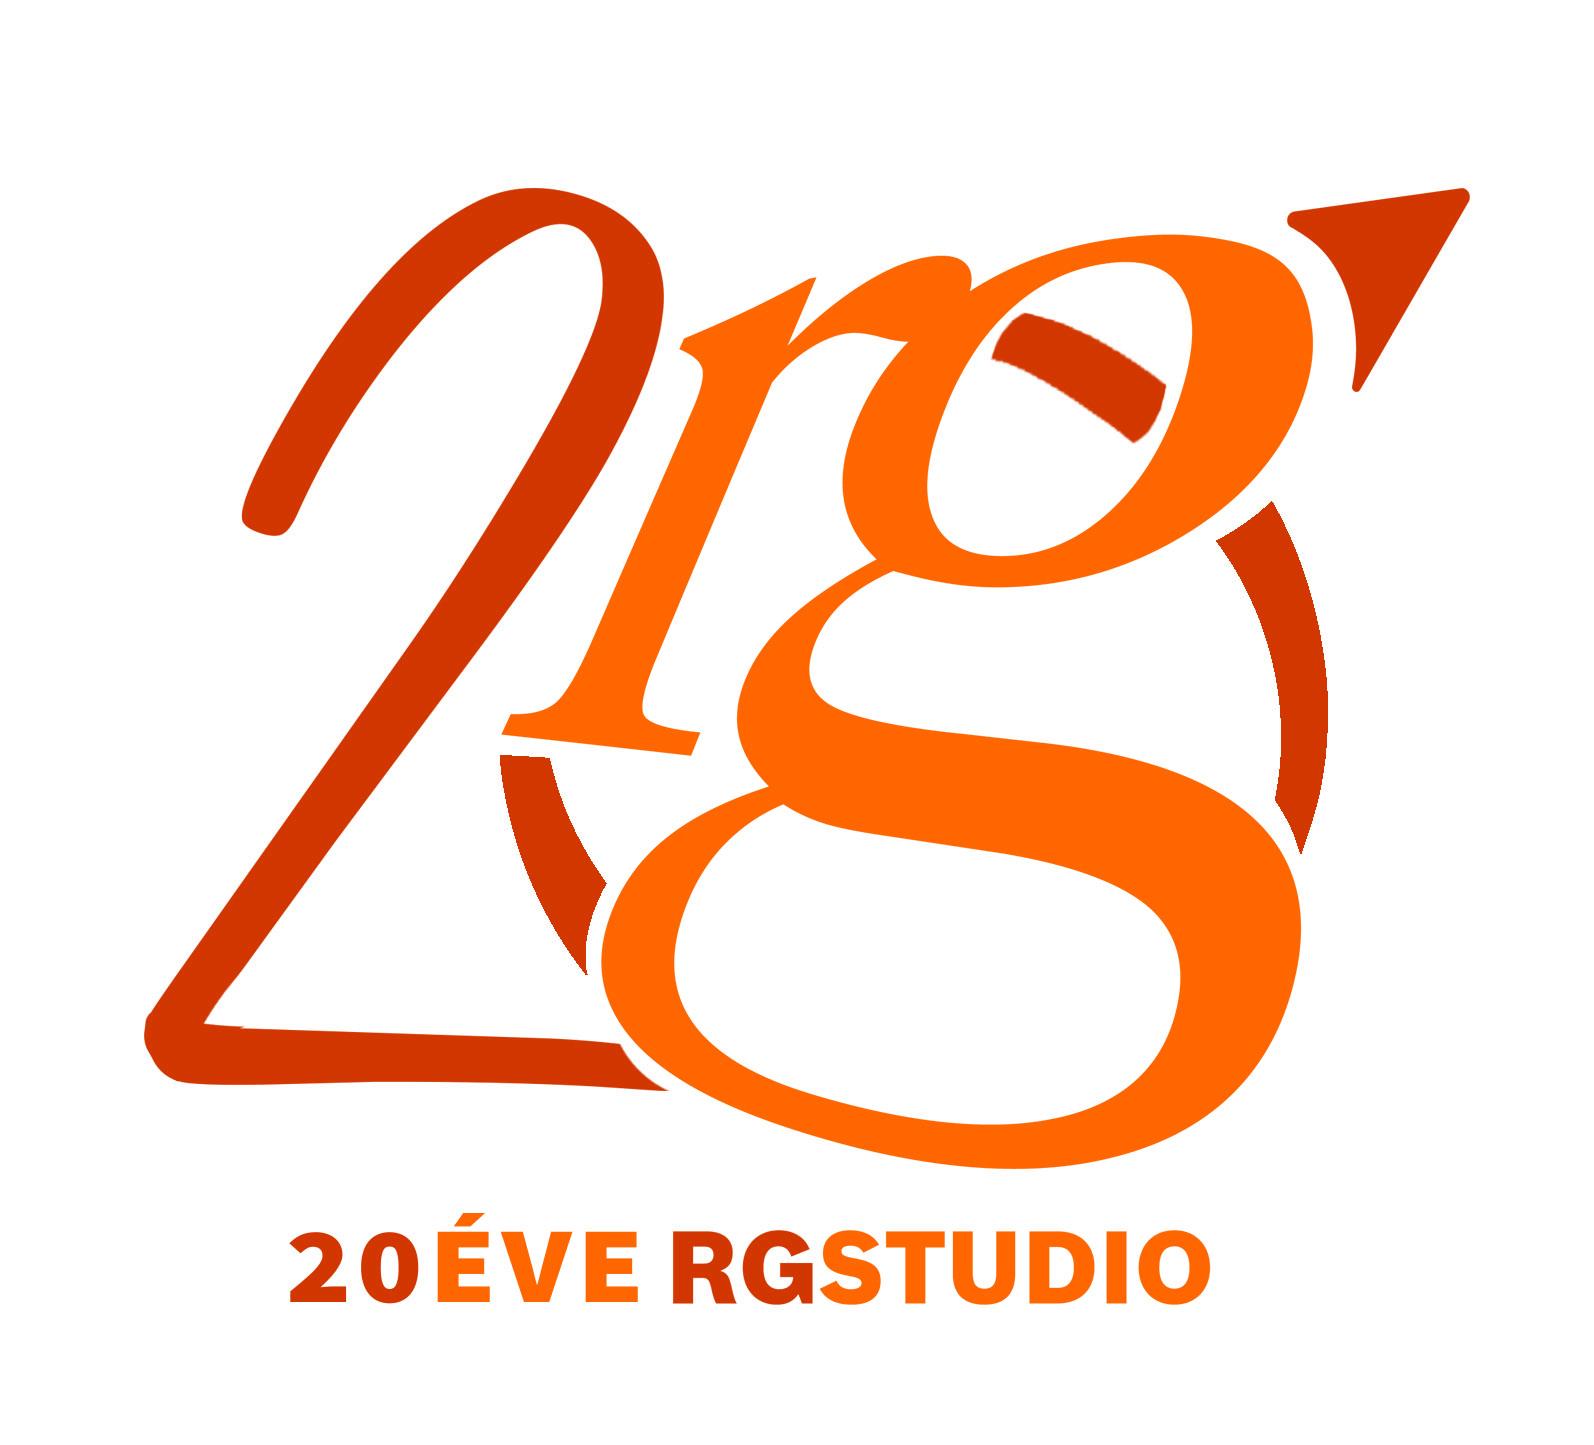 RG Stúdió logó